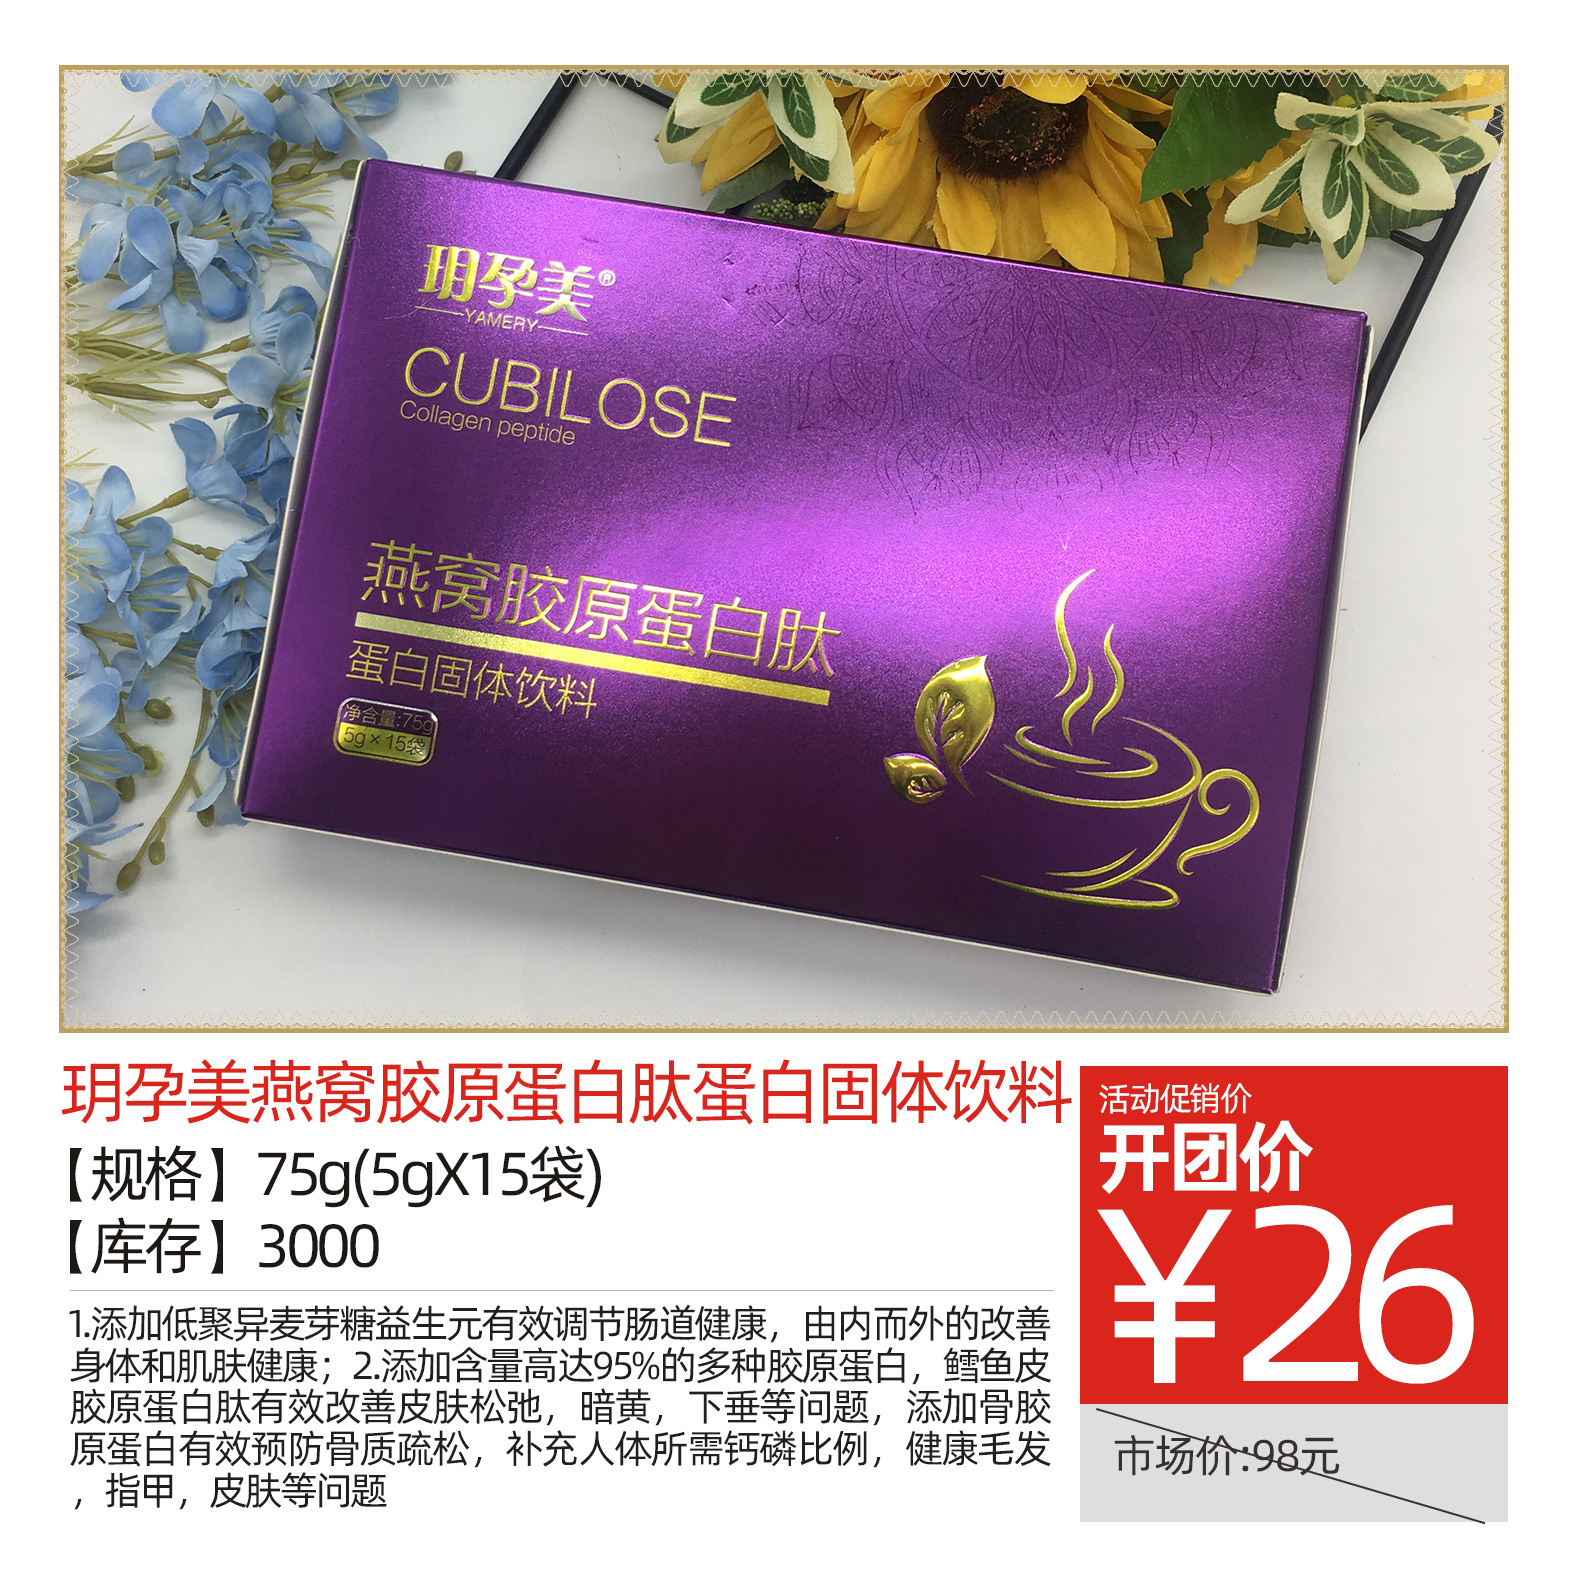 玥孕美燕窝胶原蛋白肽蛋白固体饮料75g(5gX15袋)